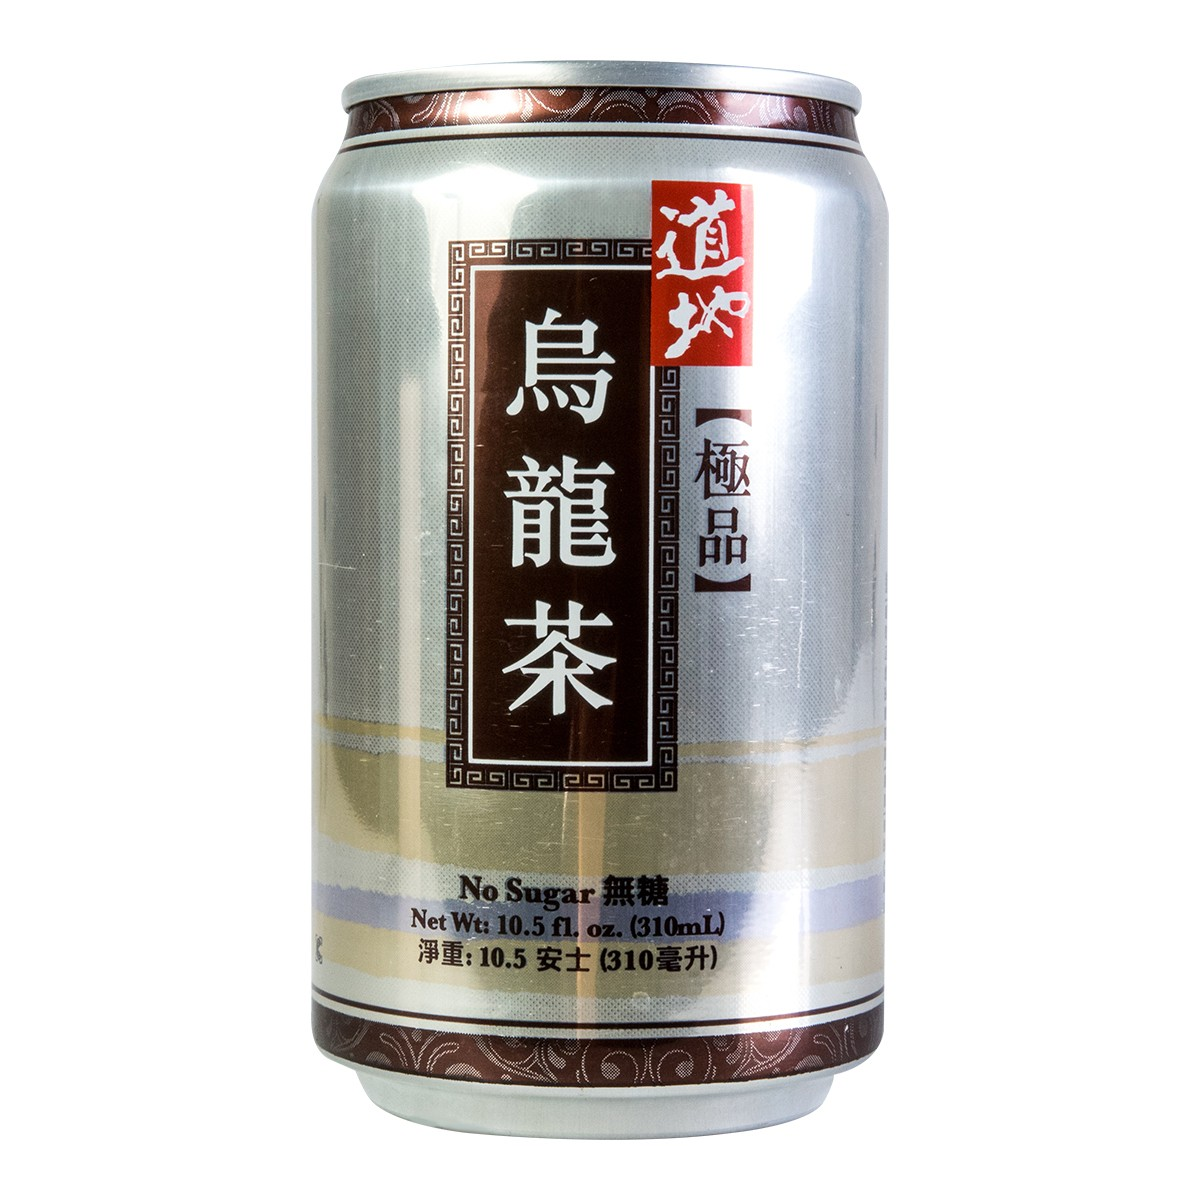 台湾道地 极品乌龙茶 无糖 310ml 怎么样 - 亚米网